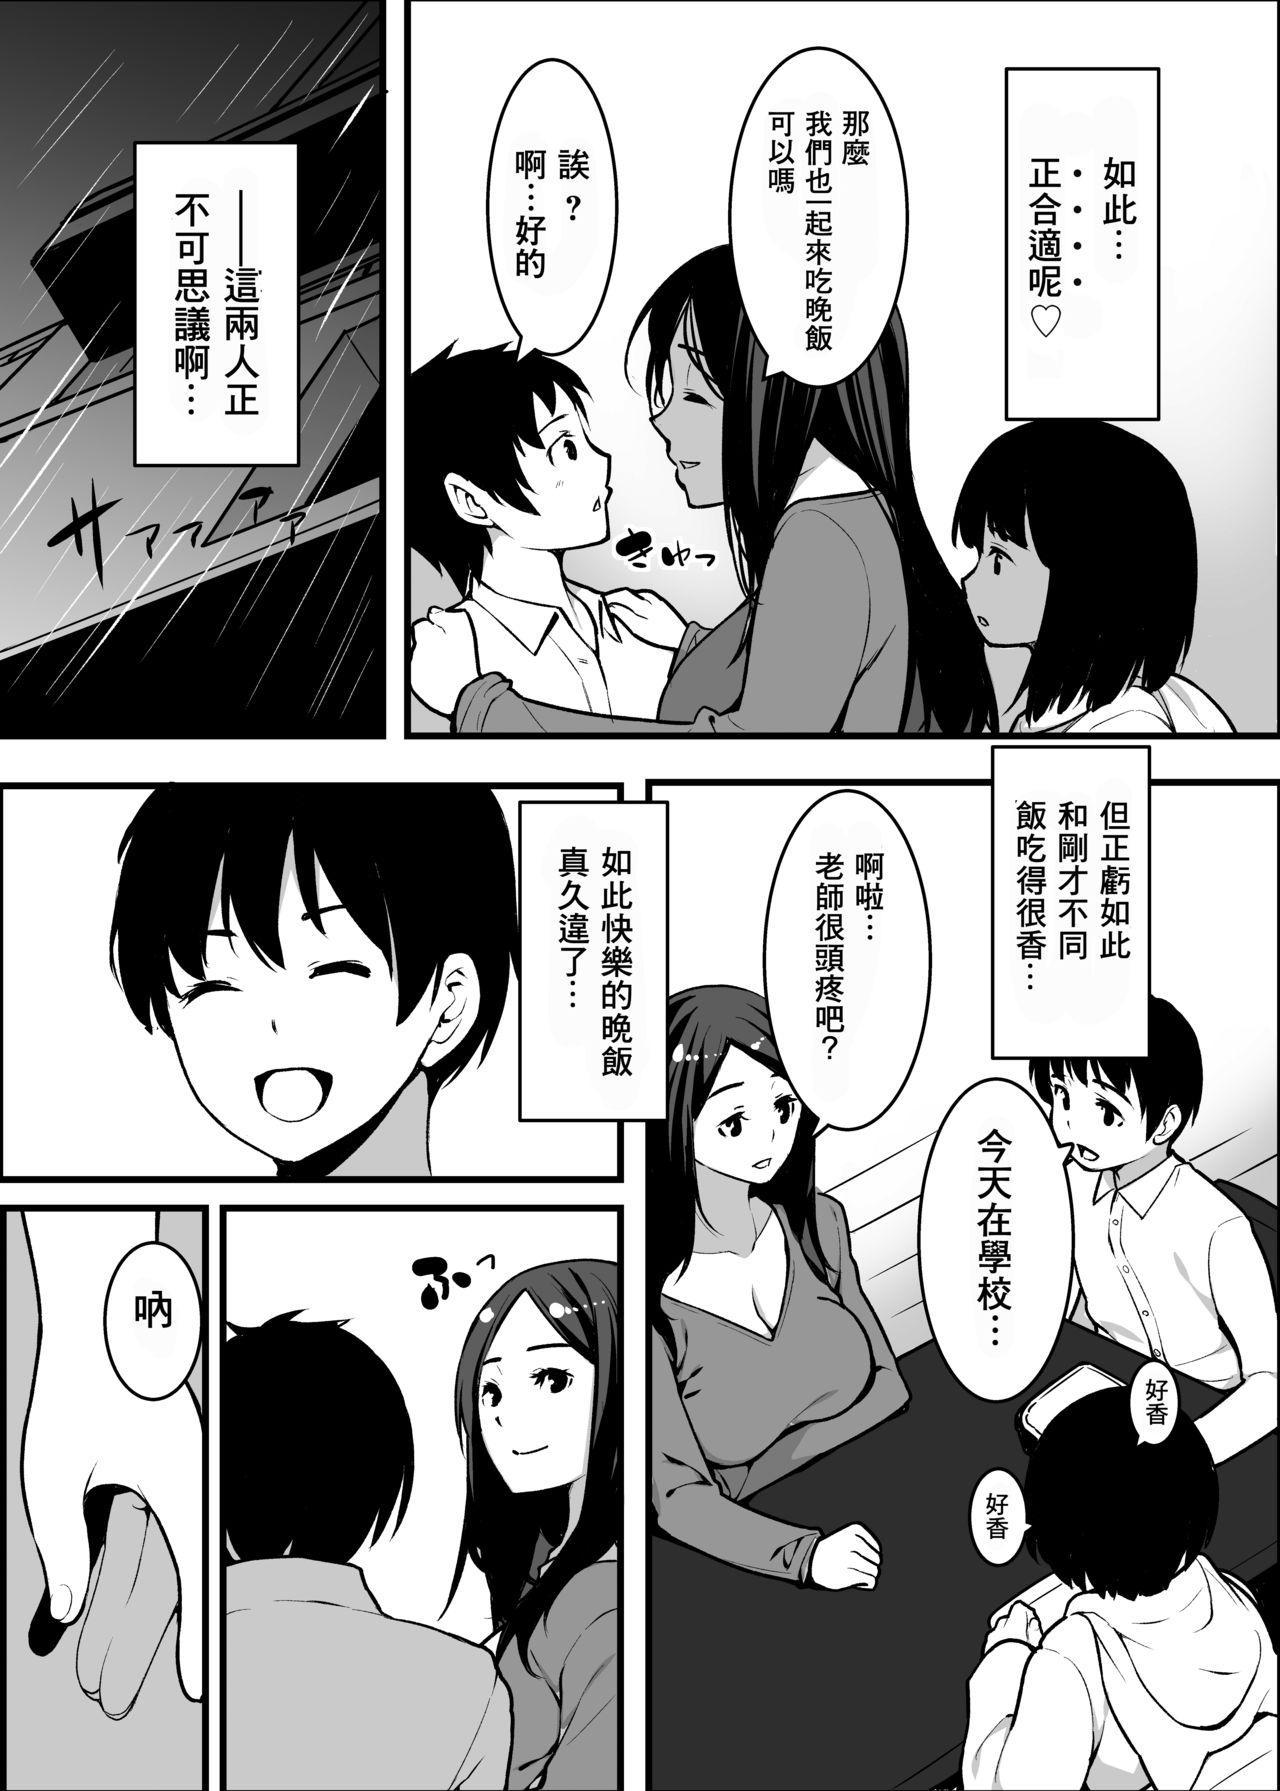 Kitsune no Yomeiri Oyakodon 11